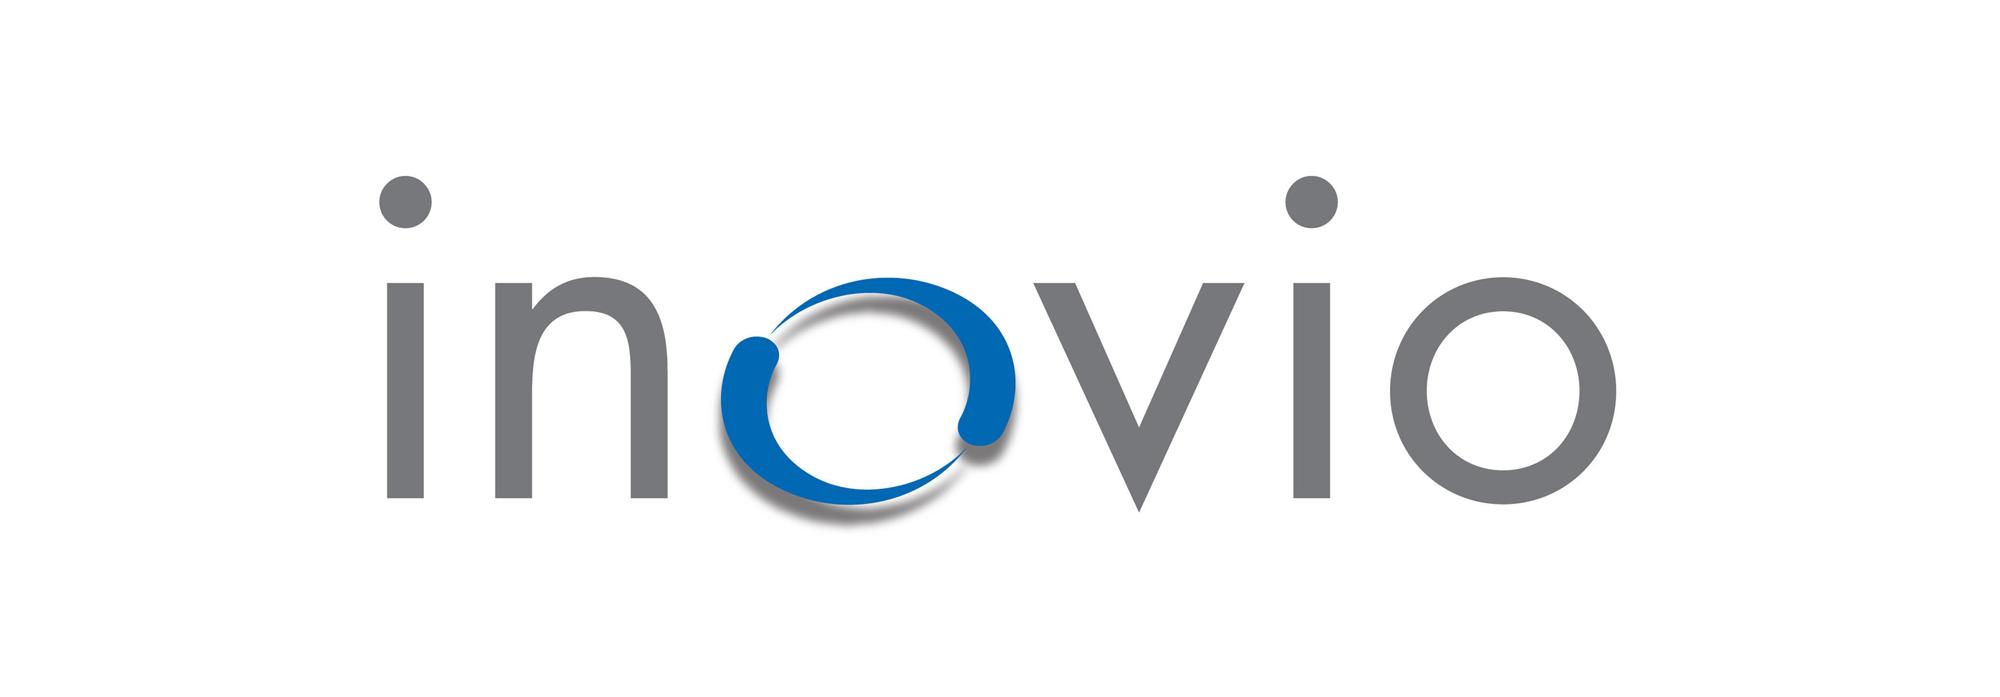 «Иноувио фармасьютикалс» (Inovio Pharmaceuticals).